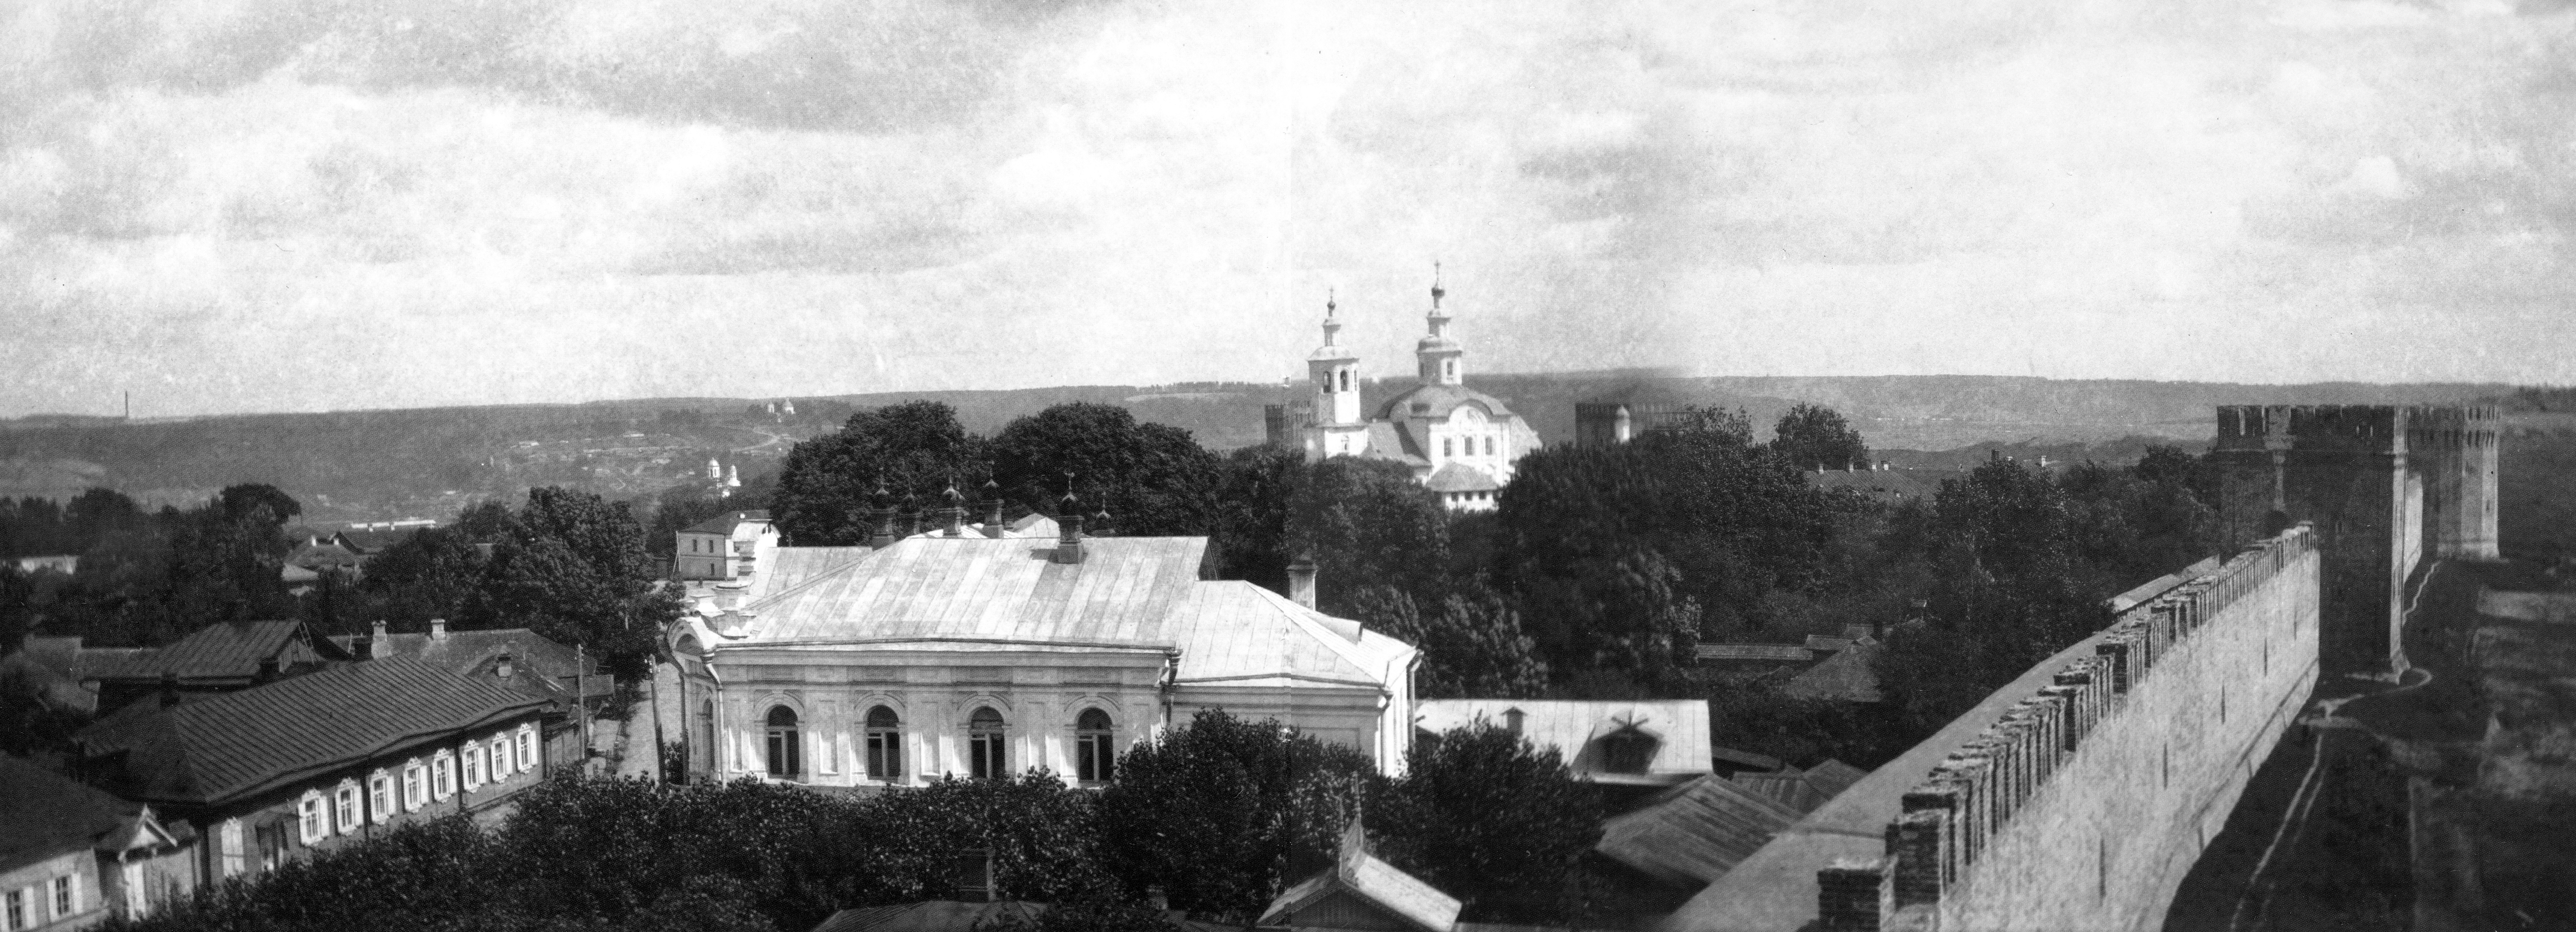 Вид на Авраамиев монастырь, Воронину и Заалтарную башни. 1909